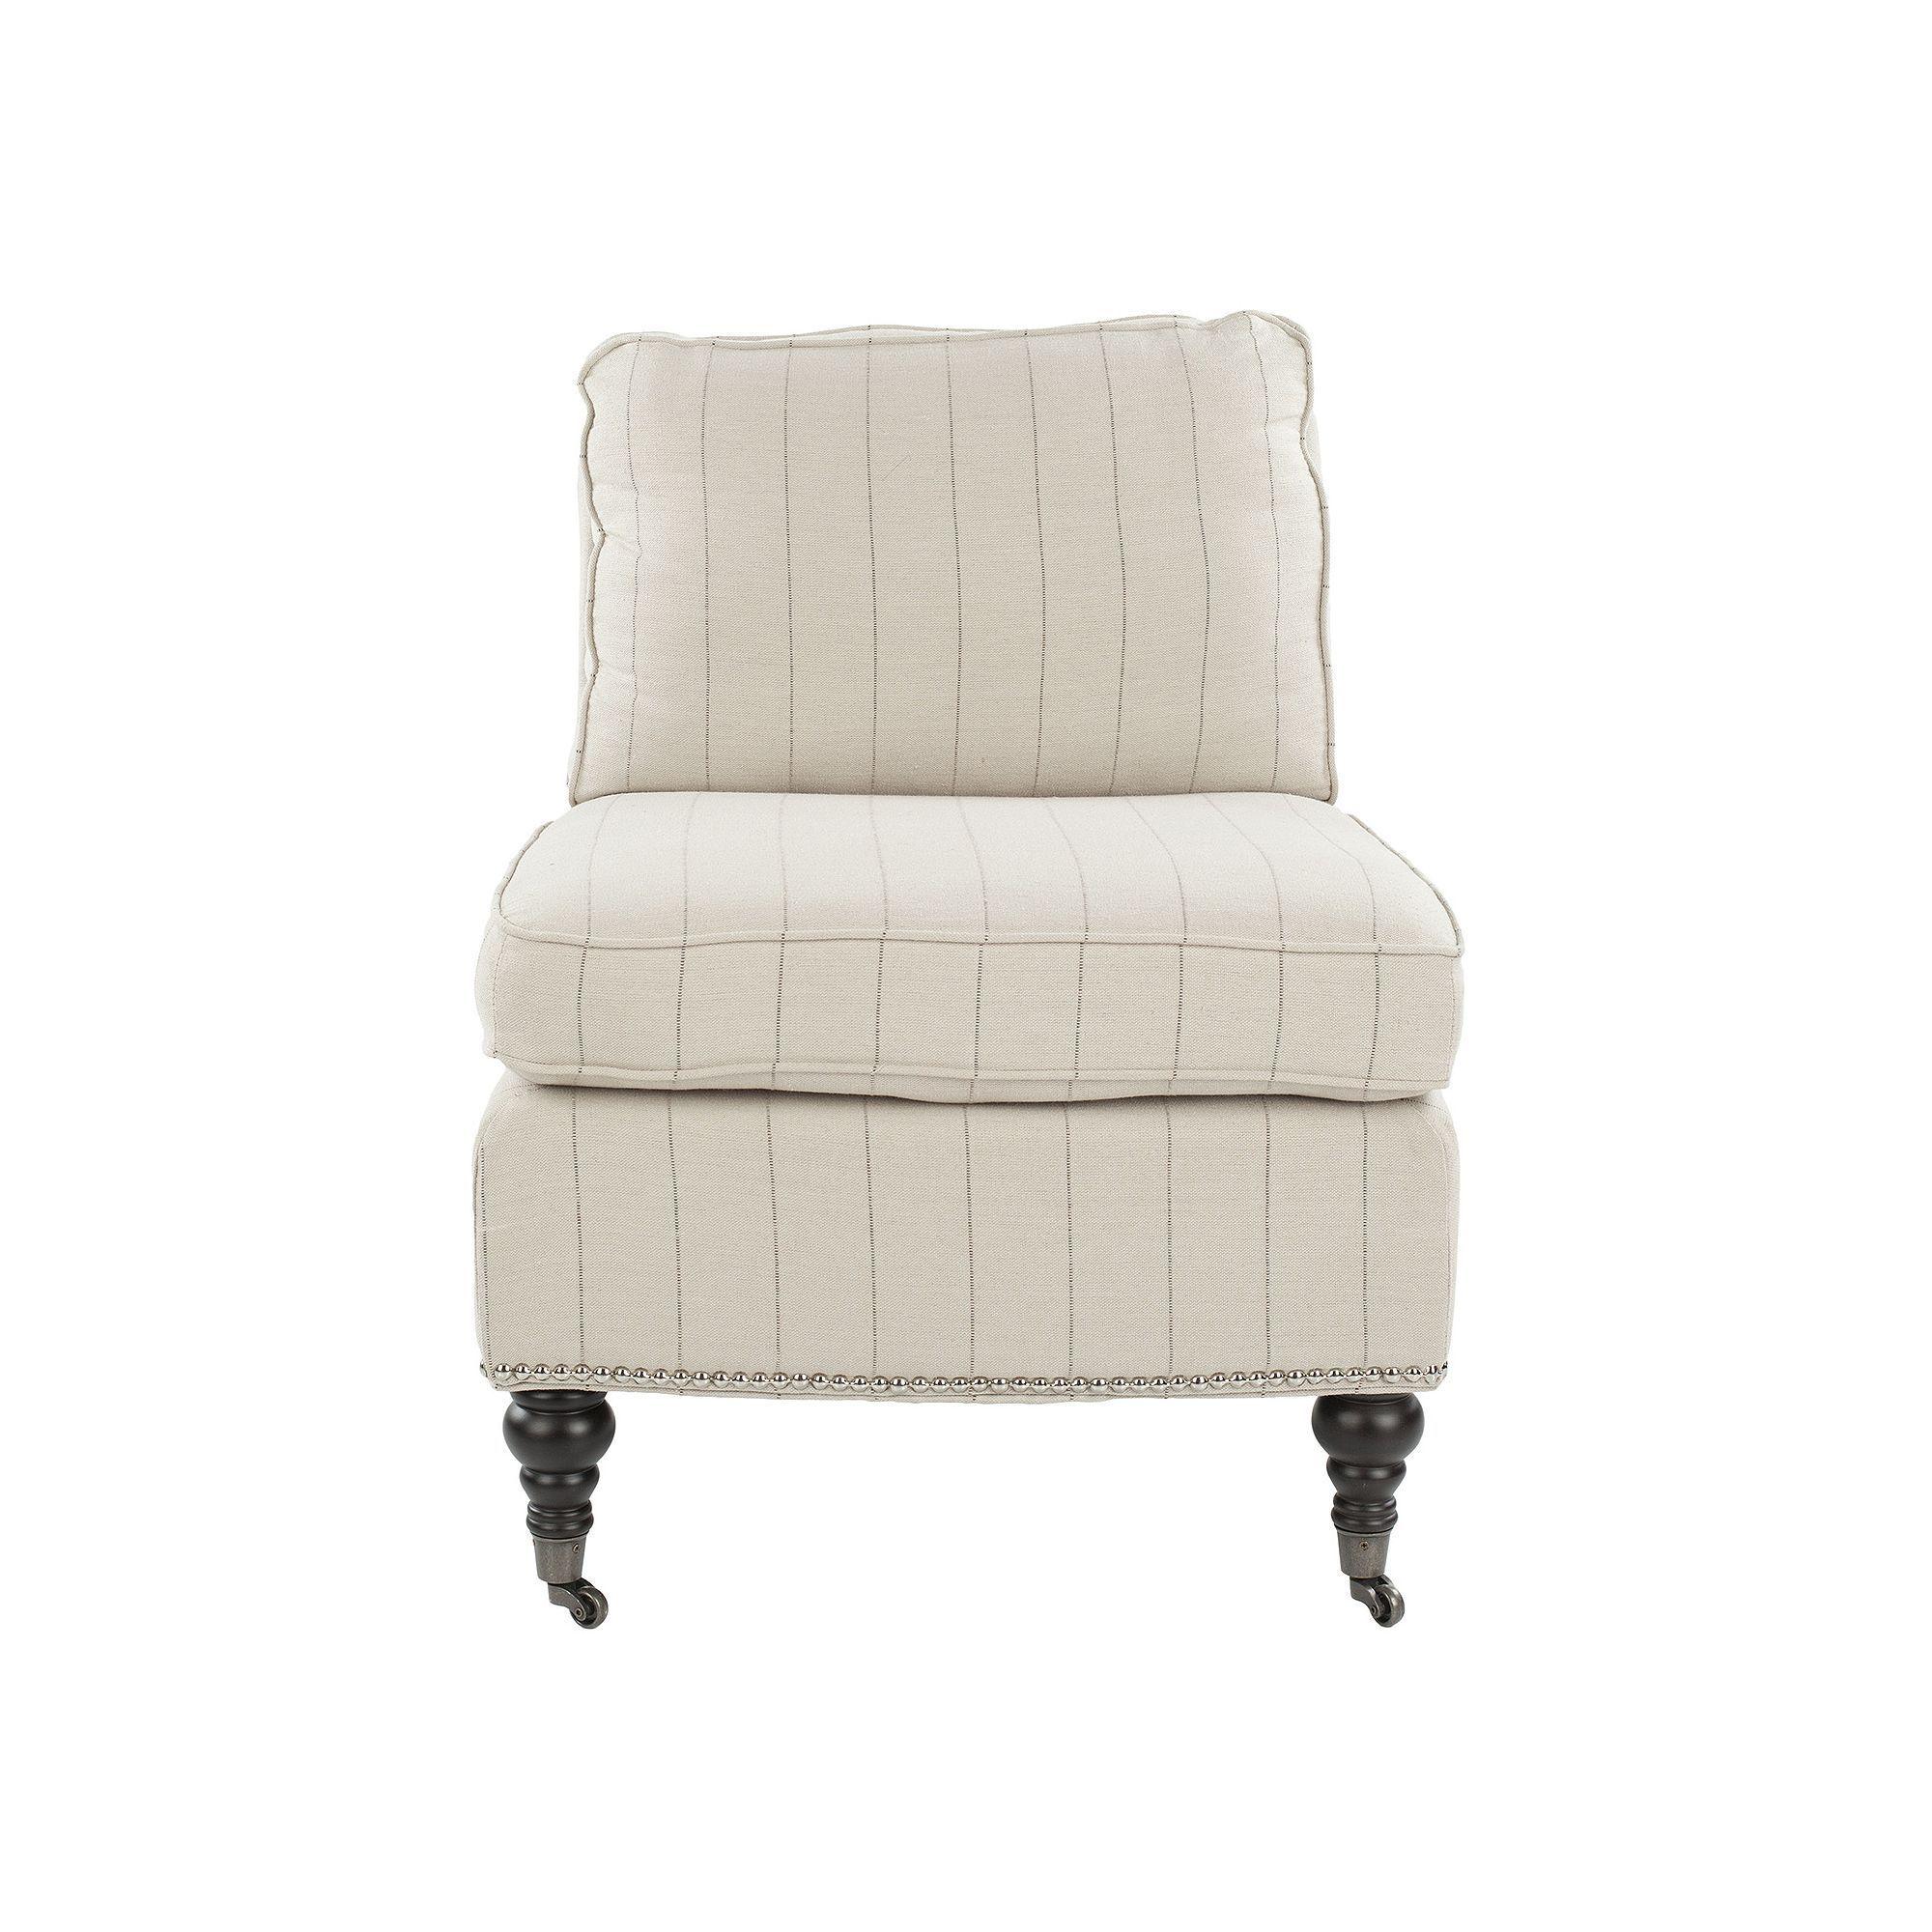 Safavieh Randy Slipper Chair Chair Accent Chairs Furniture